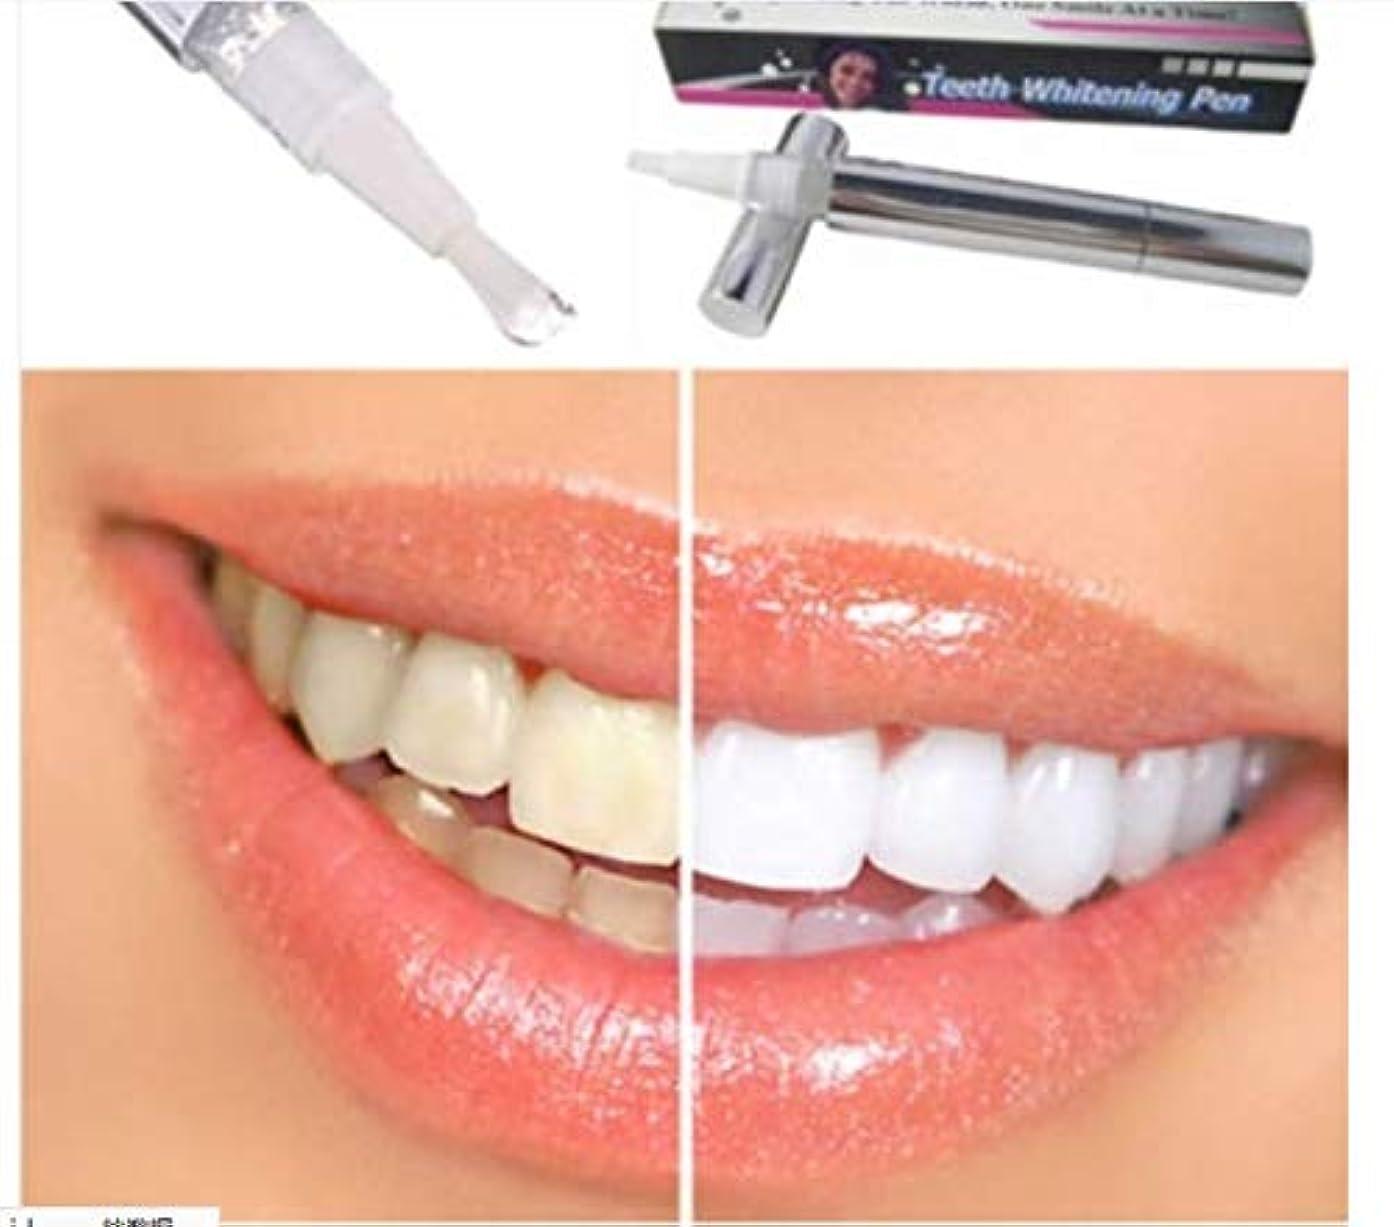 ナサニエル区散歩ドリンクホワイトニングペン型真っ白な歯 ホワイトニングペン 歯の白い漂白剤 瞬間汚れ消しゴムリムーバー